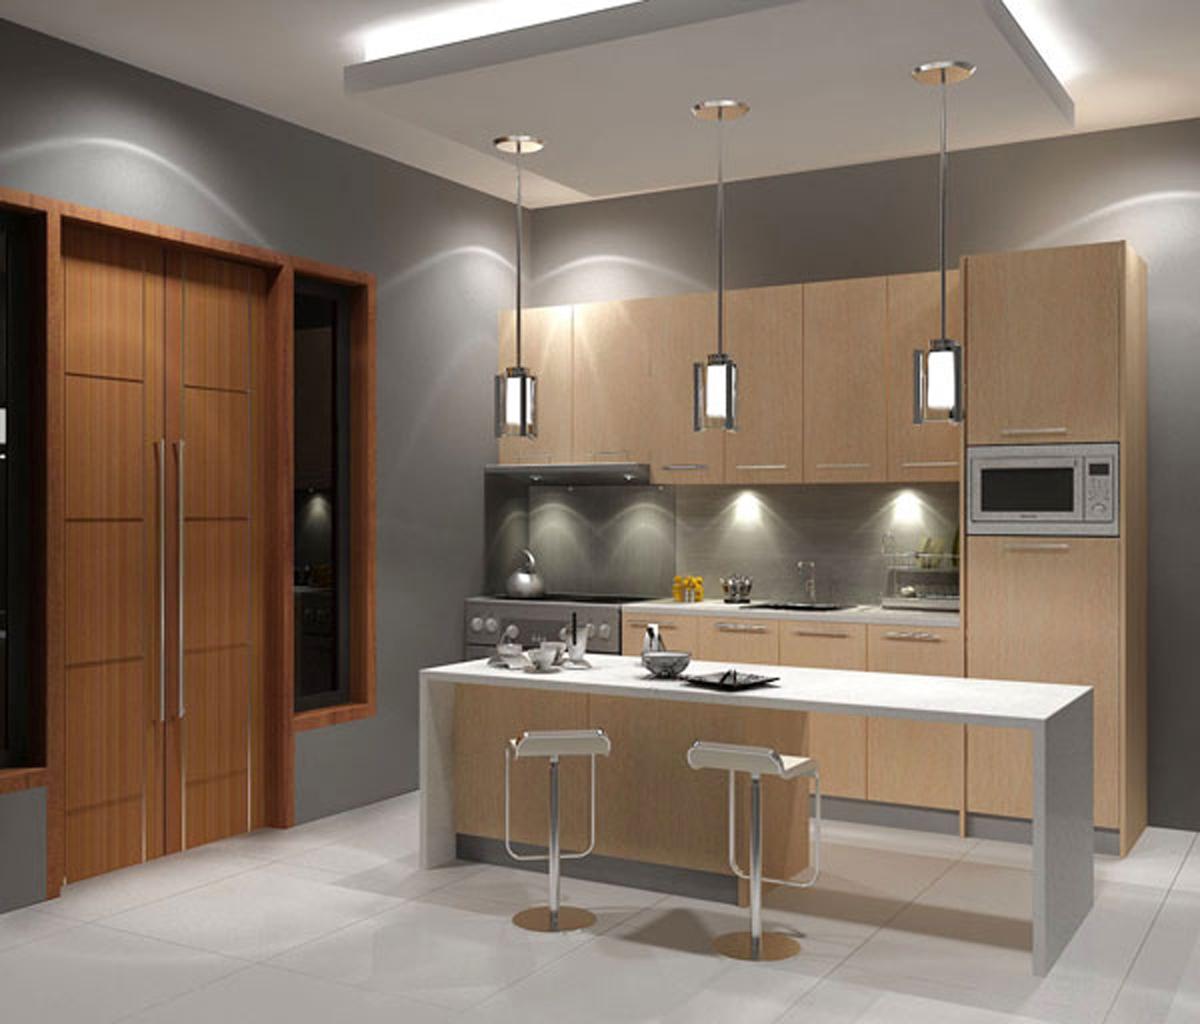 designs ruang dapur untuk rumah minimalis modern 2013